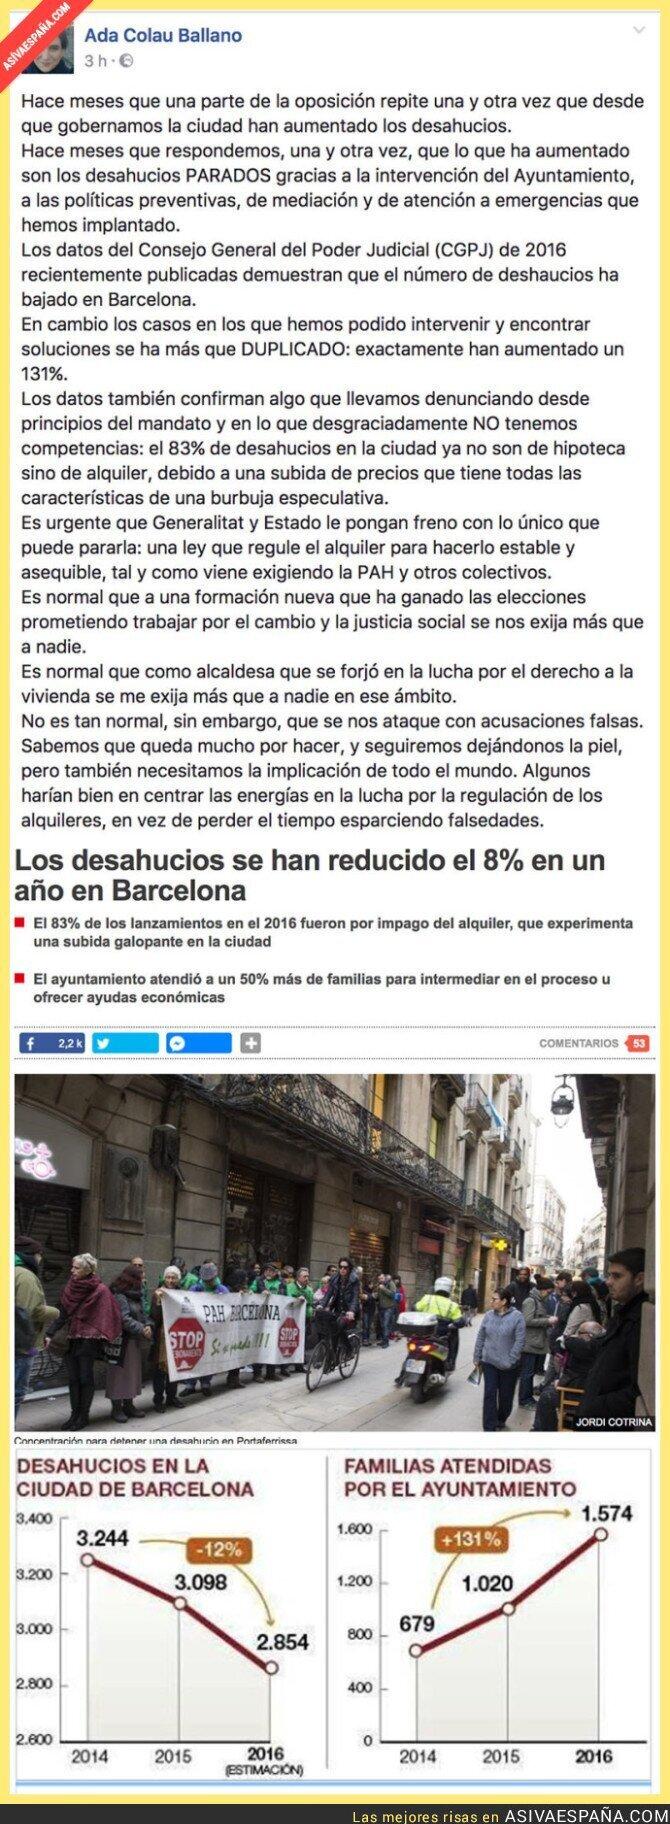 64040 - Ada Colau explica como en Barcelona han disminuido los desahucios desde que ella gobierna